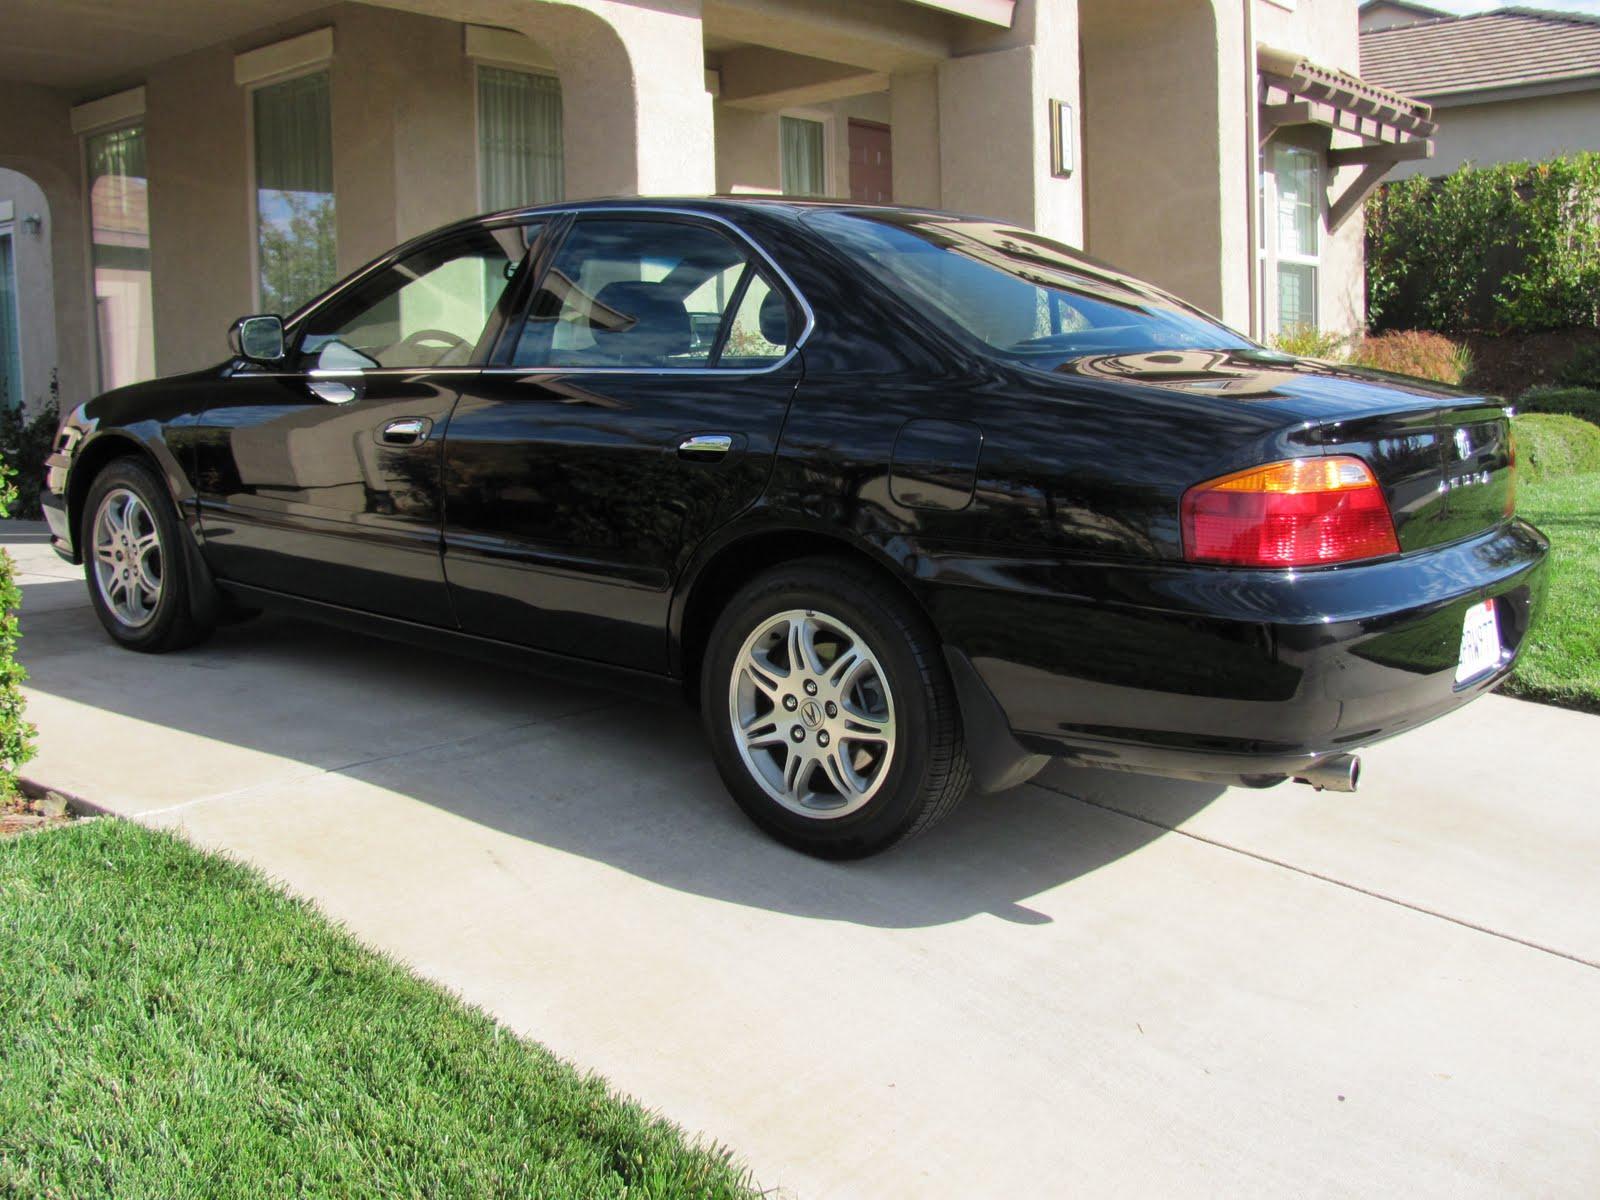 2001 Acura Tl 3 2 >> 2001 Acura Tl Information And Photos Zomb Drive